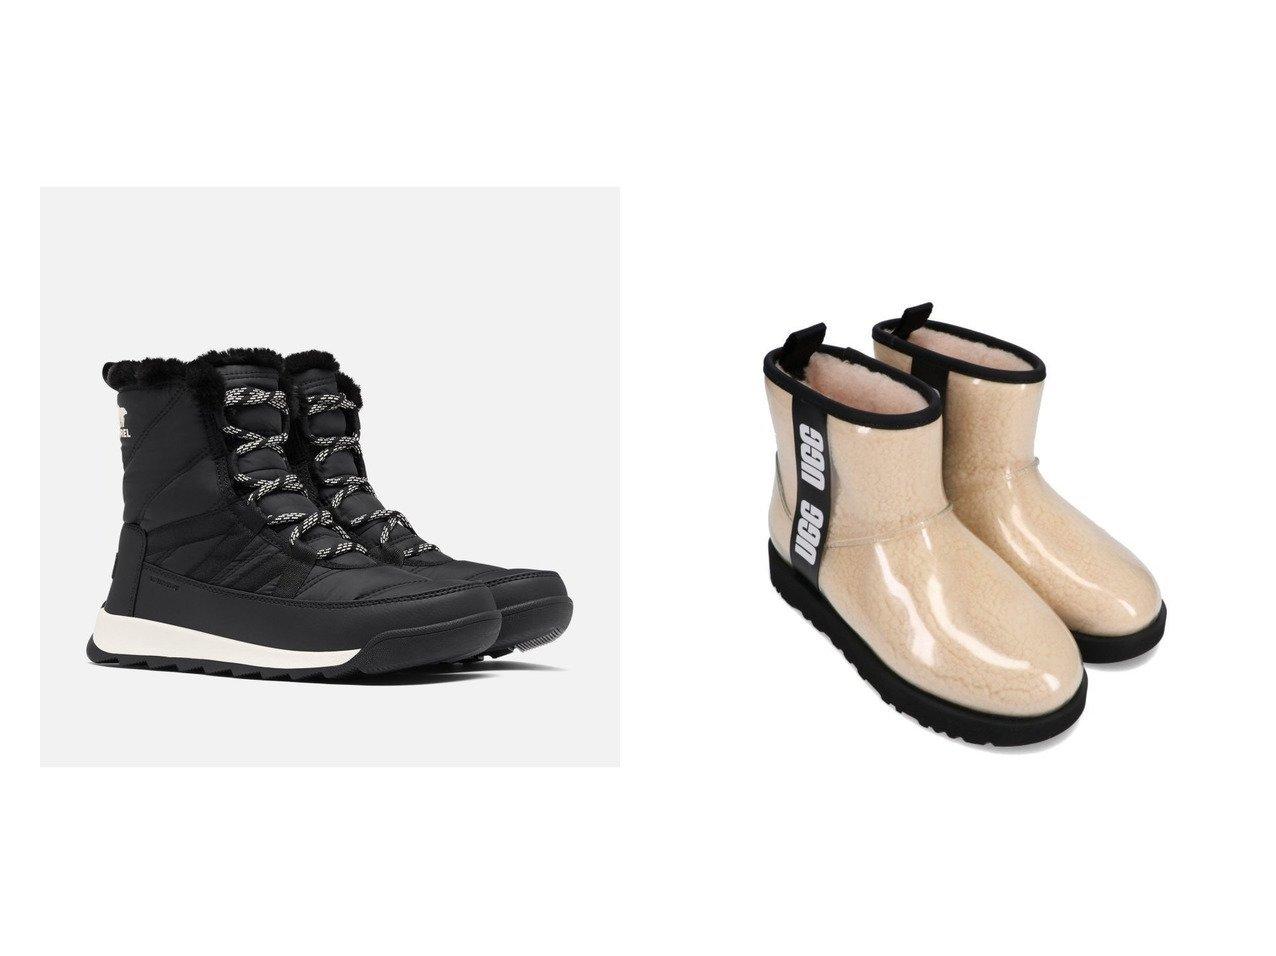 【SOREL/ソレル】のウィットニーIIショートレース&【UGG Australia/アグ】のUGG Classic Clear Mini シューズ・靴のおすすめ!人気トレンド・レディースファッションの通販 おすすめで人気のファッション通販商品 インテリア・家具・キッズファッション・メンズファッション・レディースファッション・服の通販 founy(ファニー) https://founy.com/ ファッション Fashion レディース WOMEN インソール シューズ スニーカー スリッポン ライニング キルティング スエード スタイリッシュ フィット ラバー ロング |ID:crp329100000007272